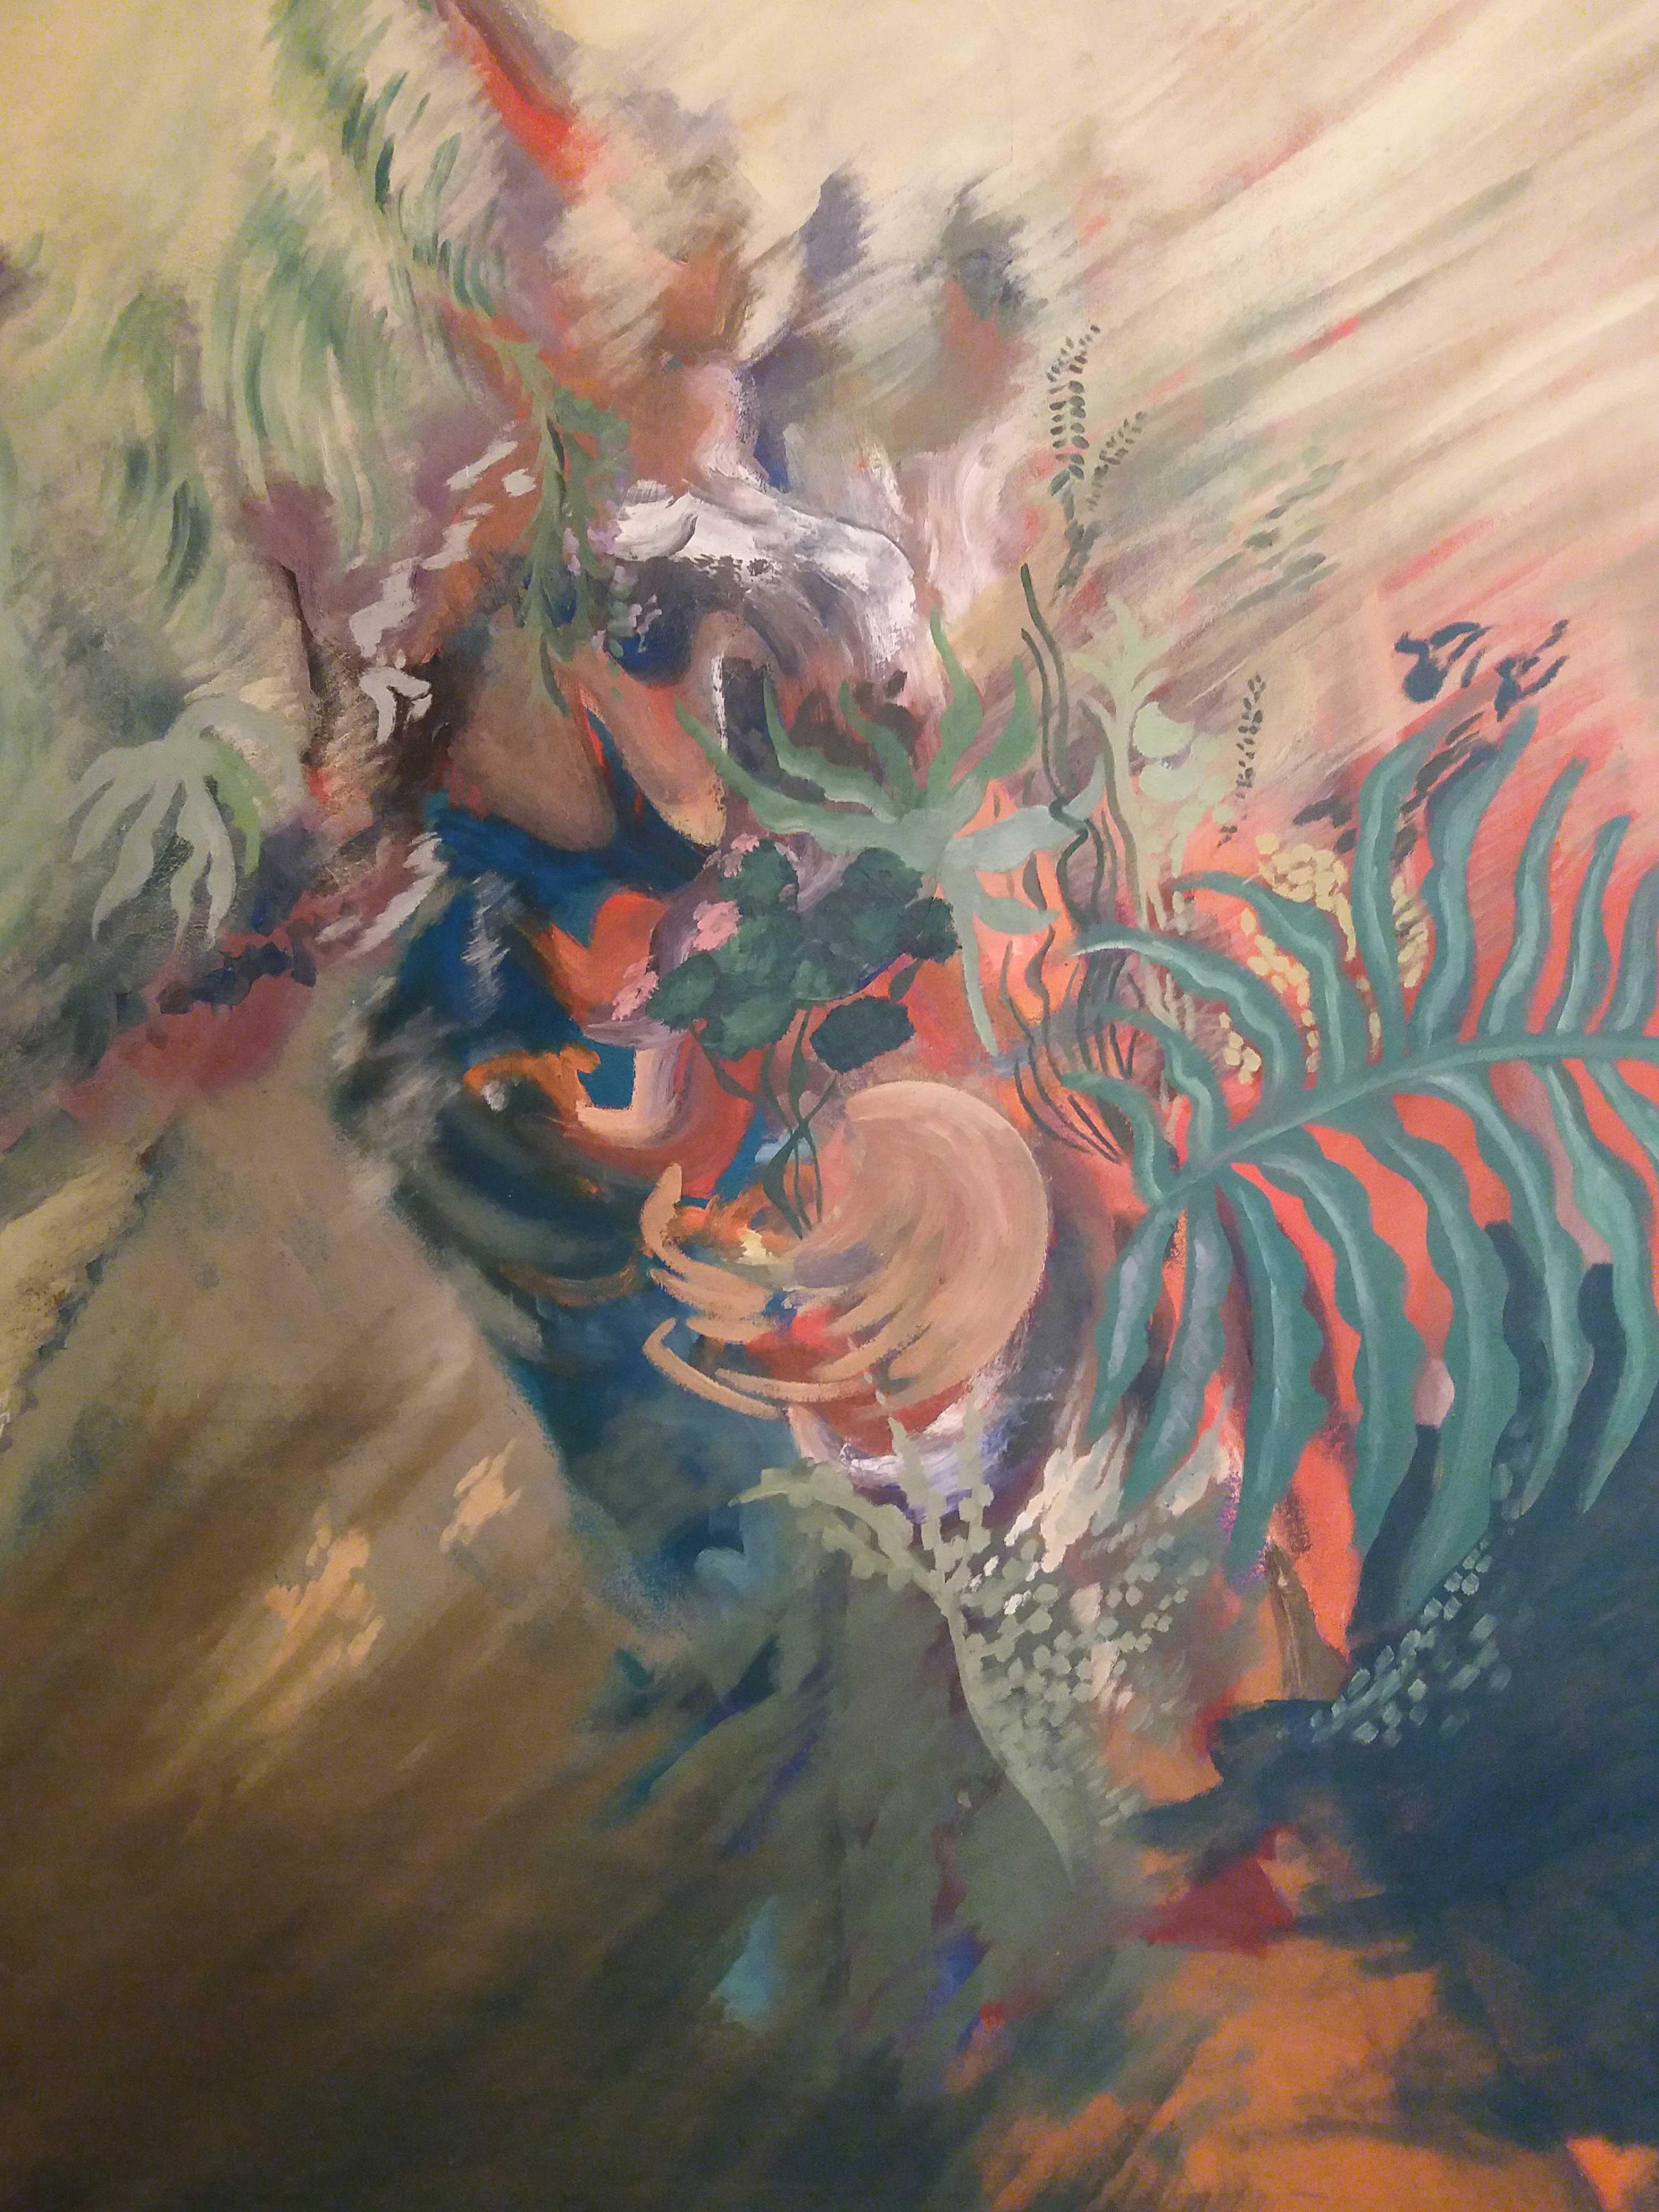 Naturaleza en rebeldia (serie de huracanes) (2010) - Amaia Estornés Zubizarreta